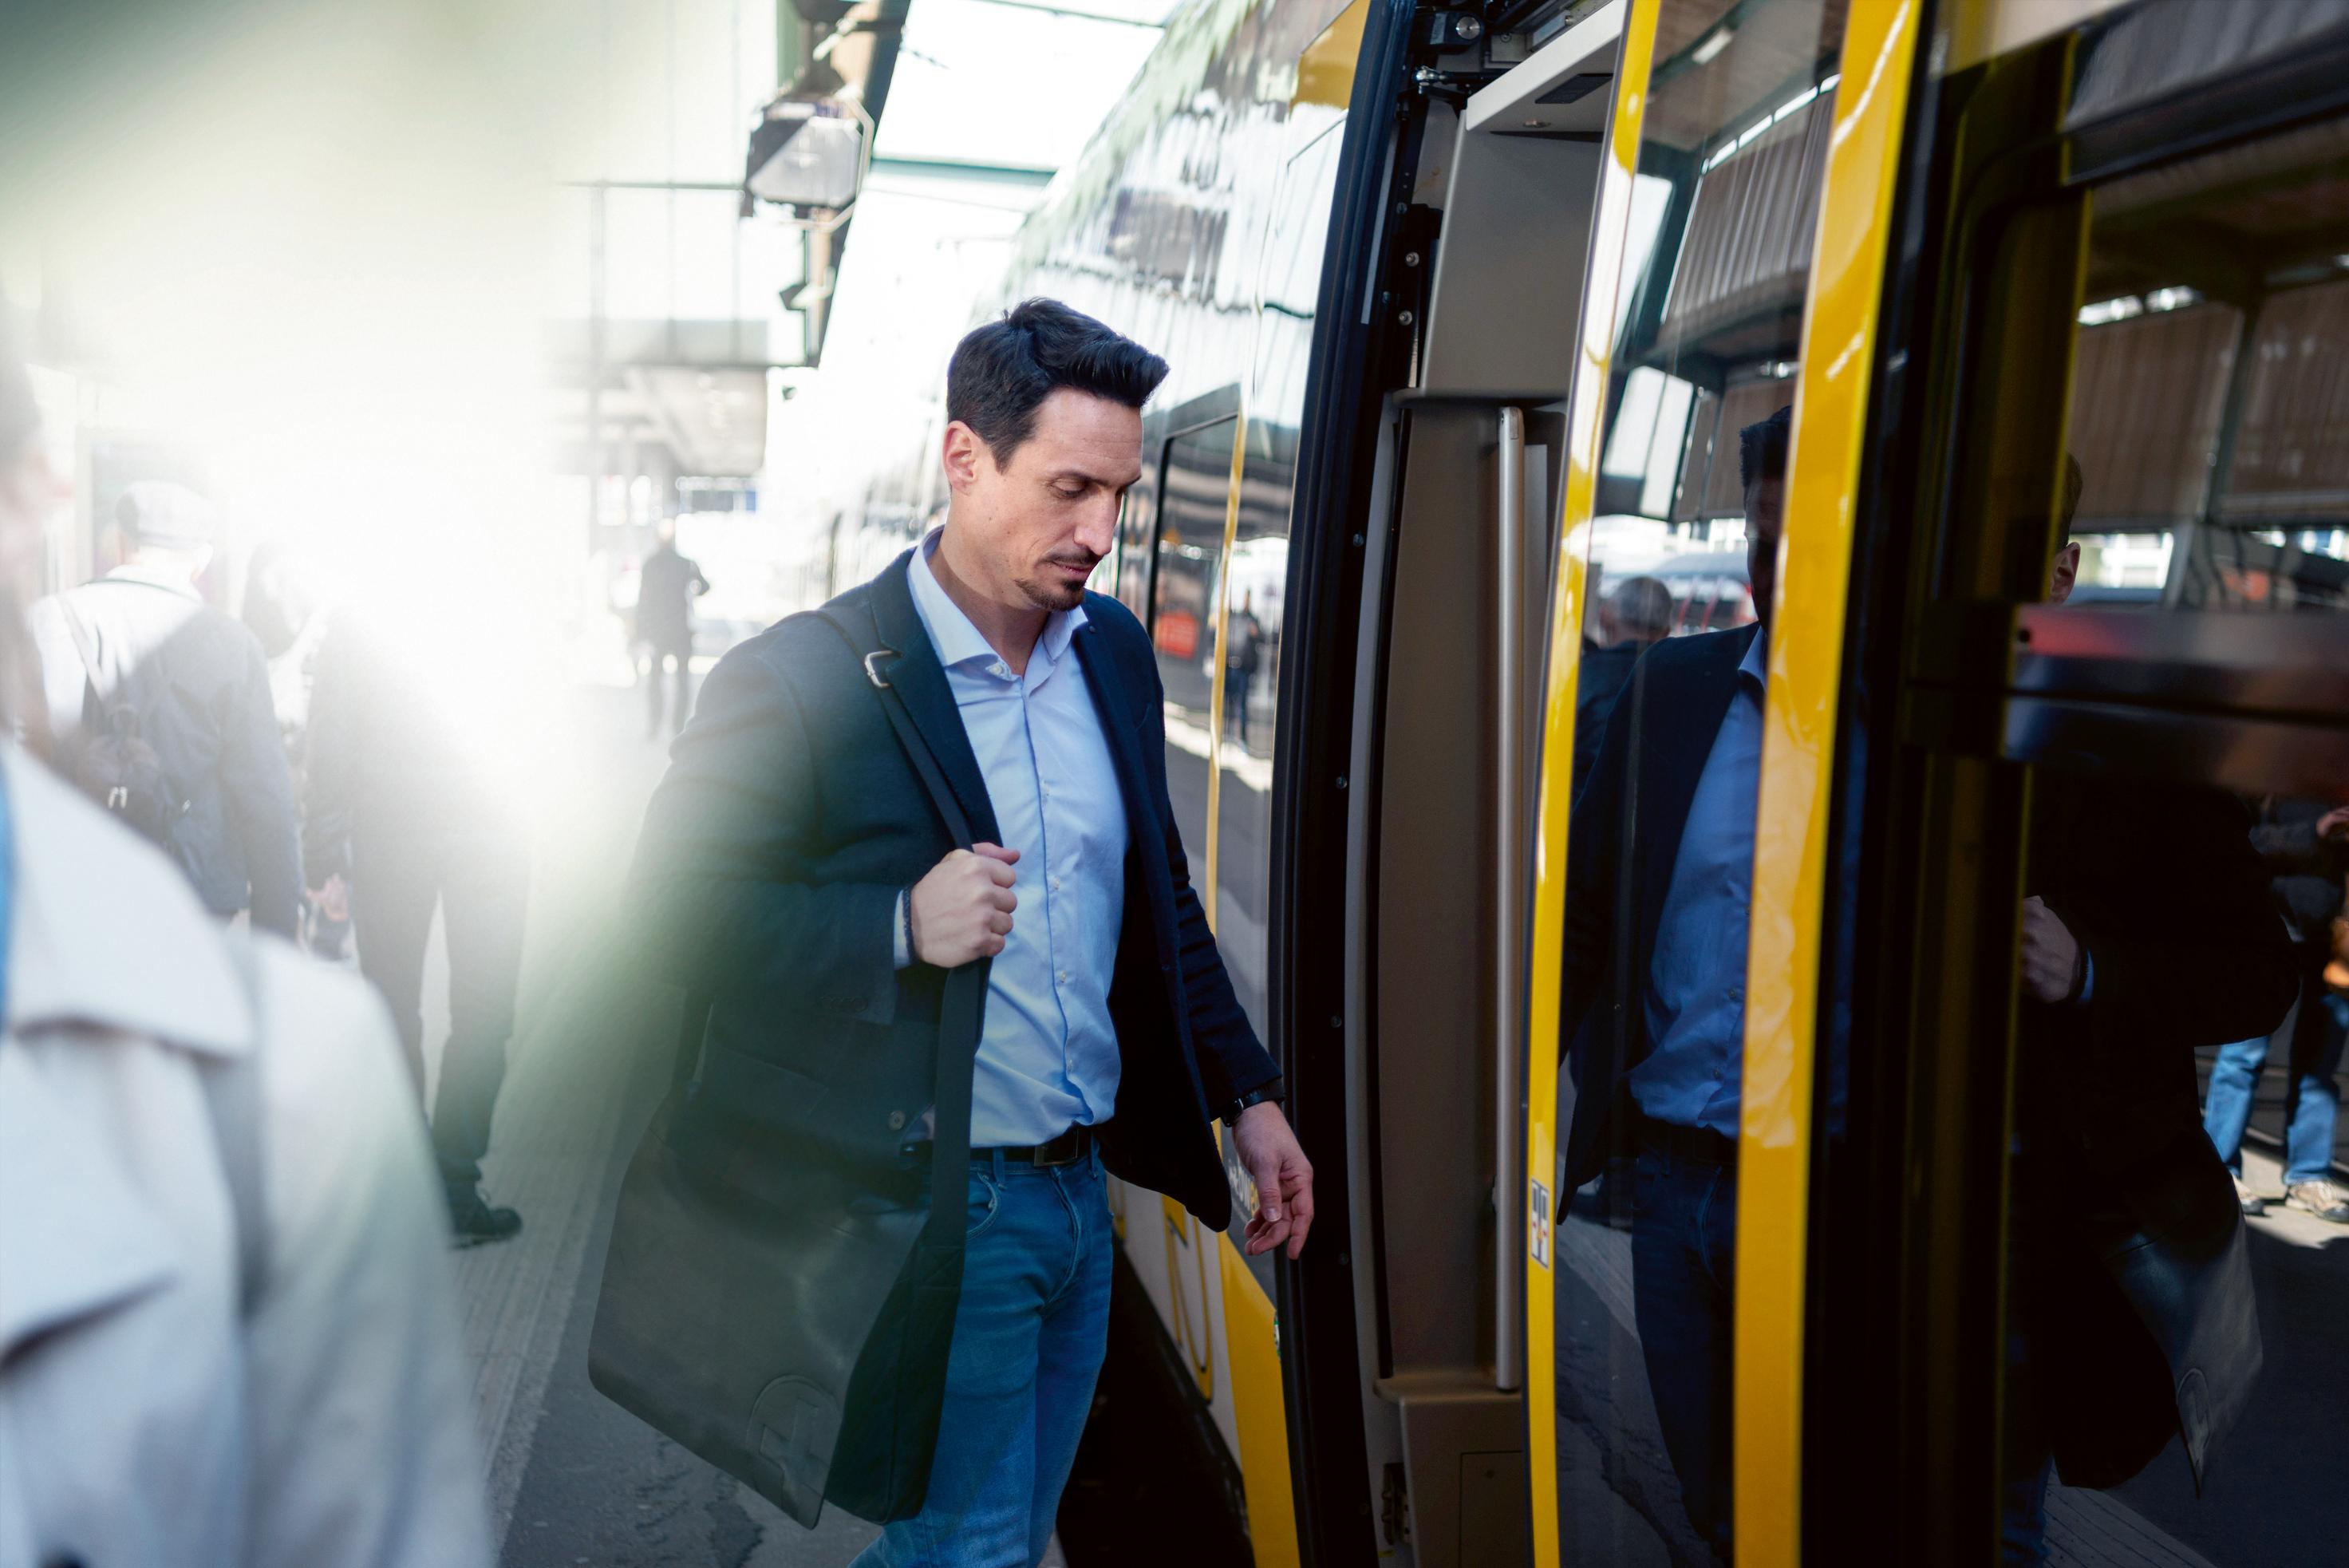 Mann steigt in den Zug